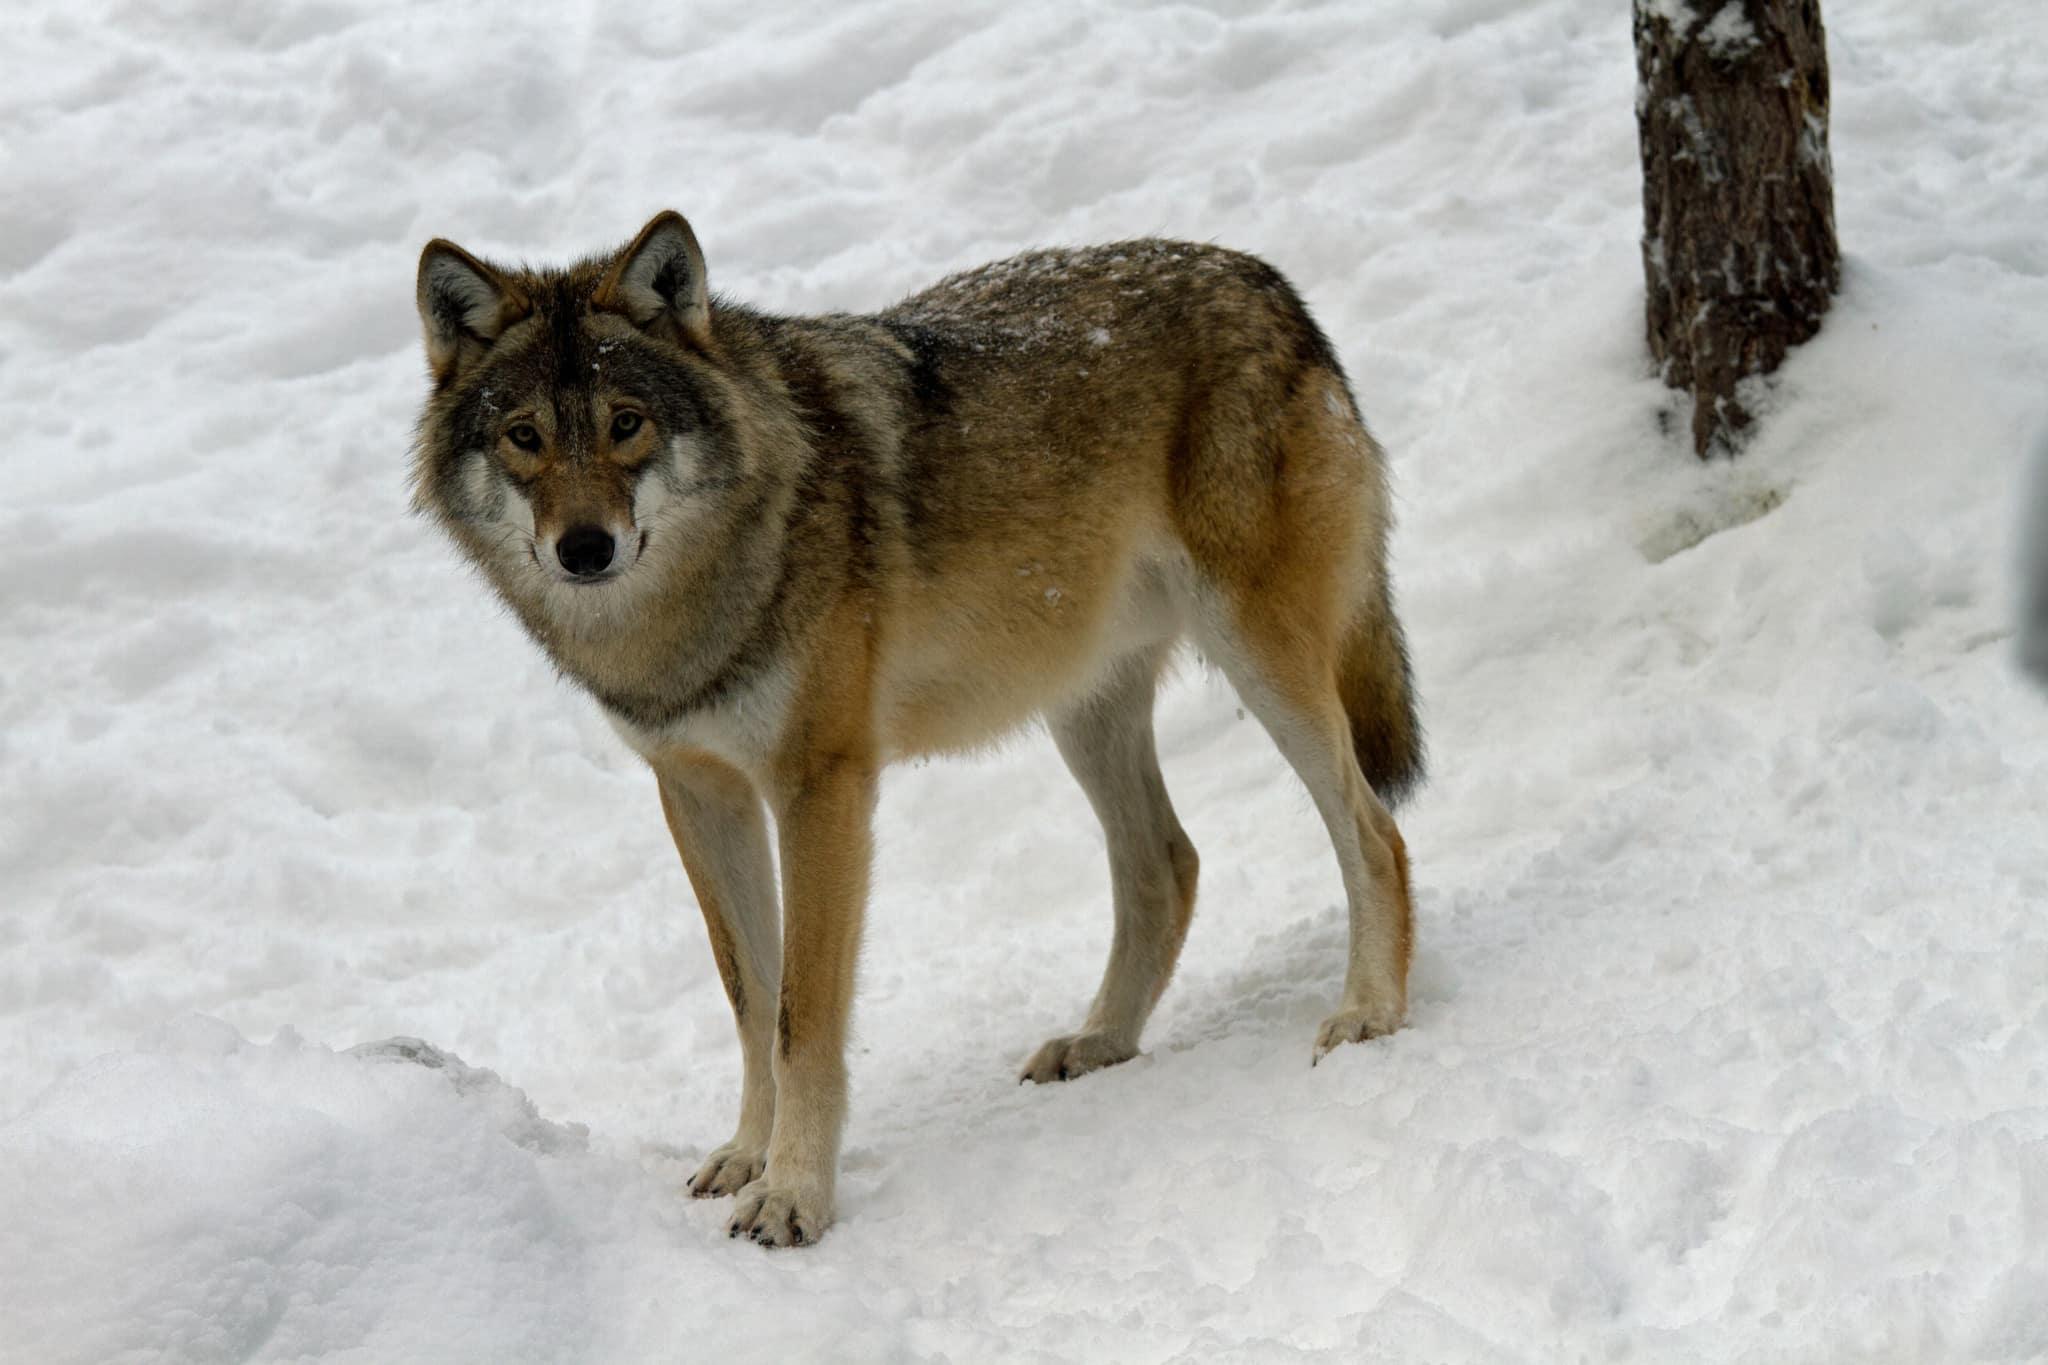 En från öst invandrad varg har upptäckts i Härjedalen. Den här vargen är dock fotograferad i hägn. Foto: Olle Olsson